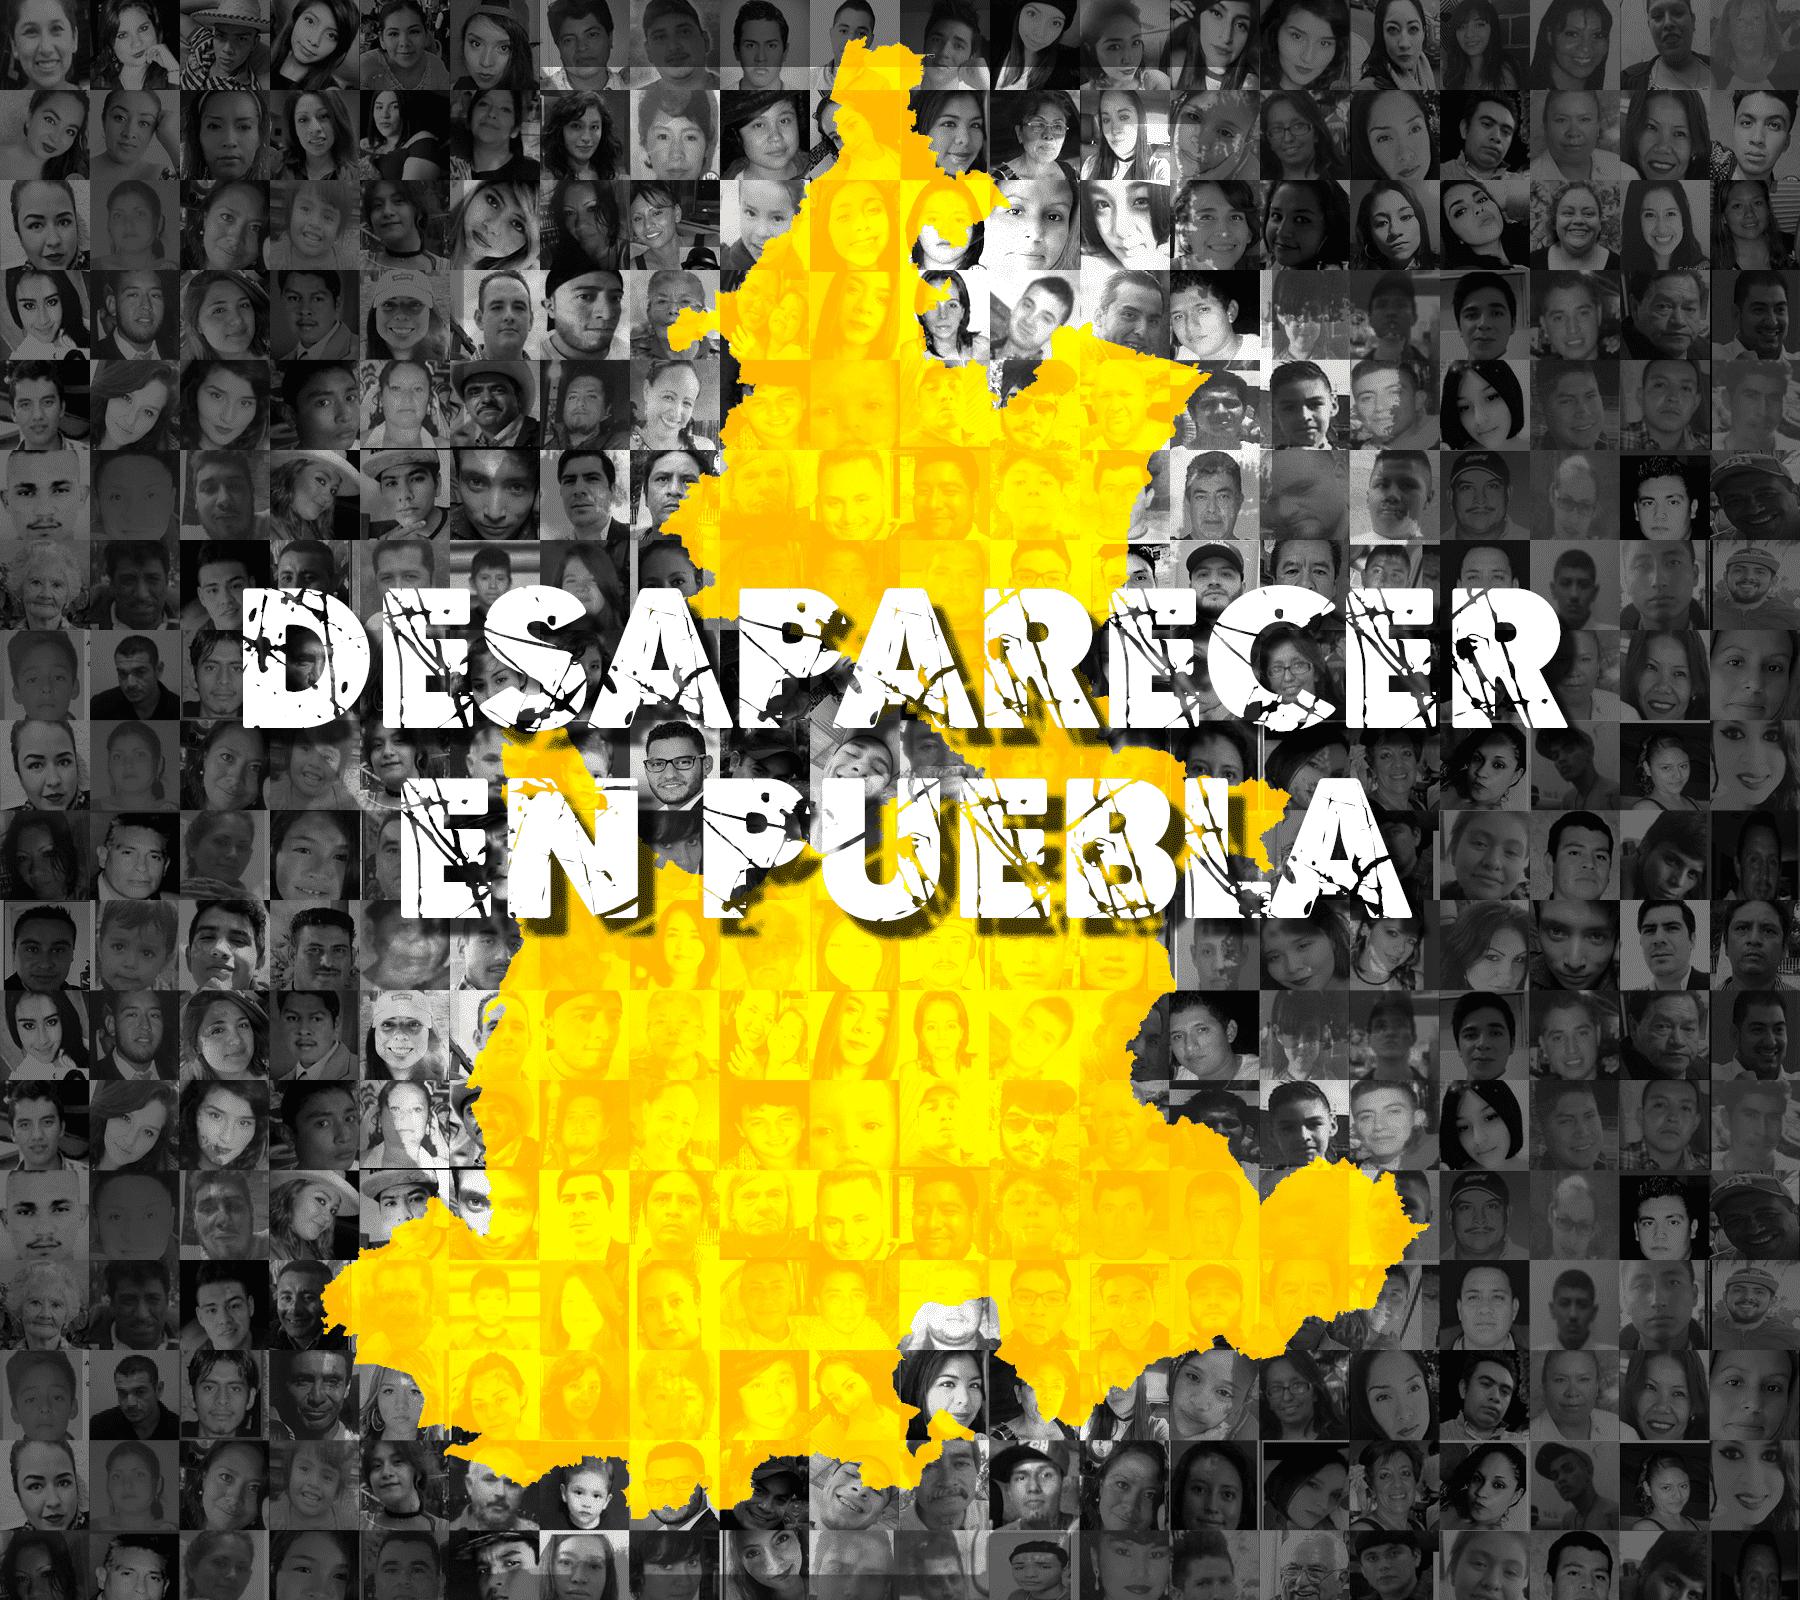 """Imagen en la que se observa el estado de Puebla con las fotografías de personas desaparecidas: Se lee la leyenda """"Desaparecer en Puebla""""."""